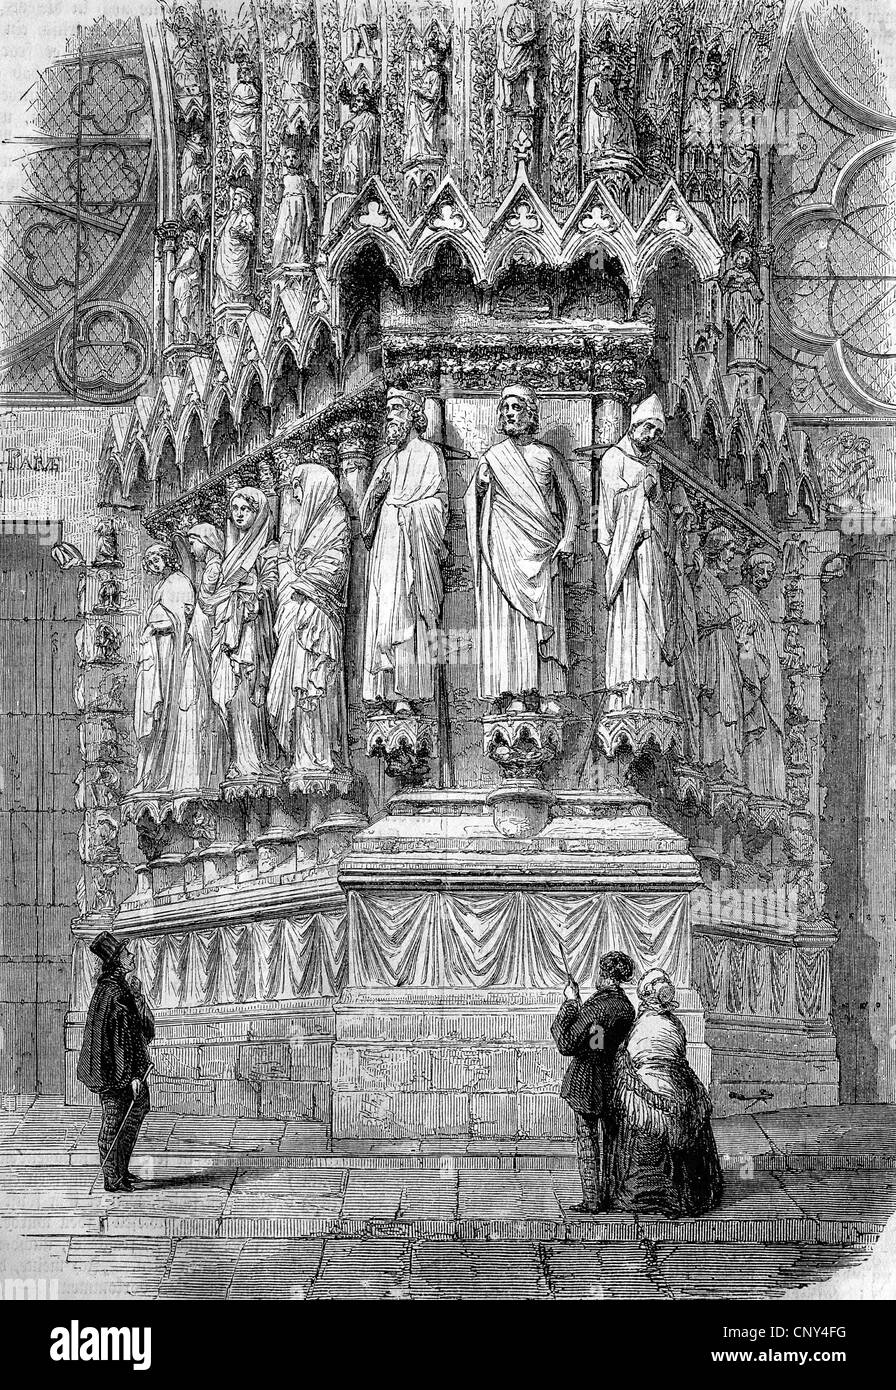 Portale della Cattedrale di Reims, Francia, storica incisione su legno, circa 1888 Immagini Stock